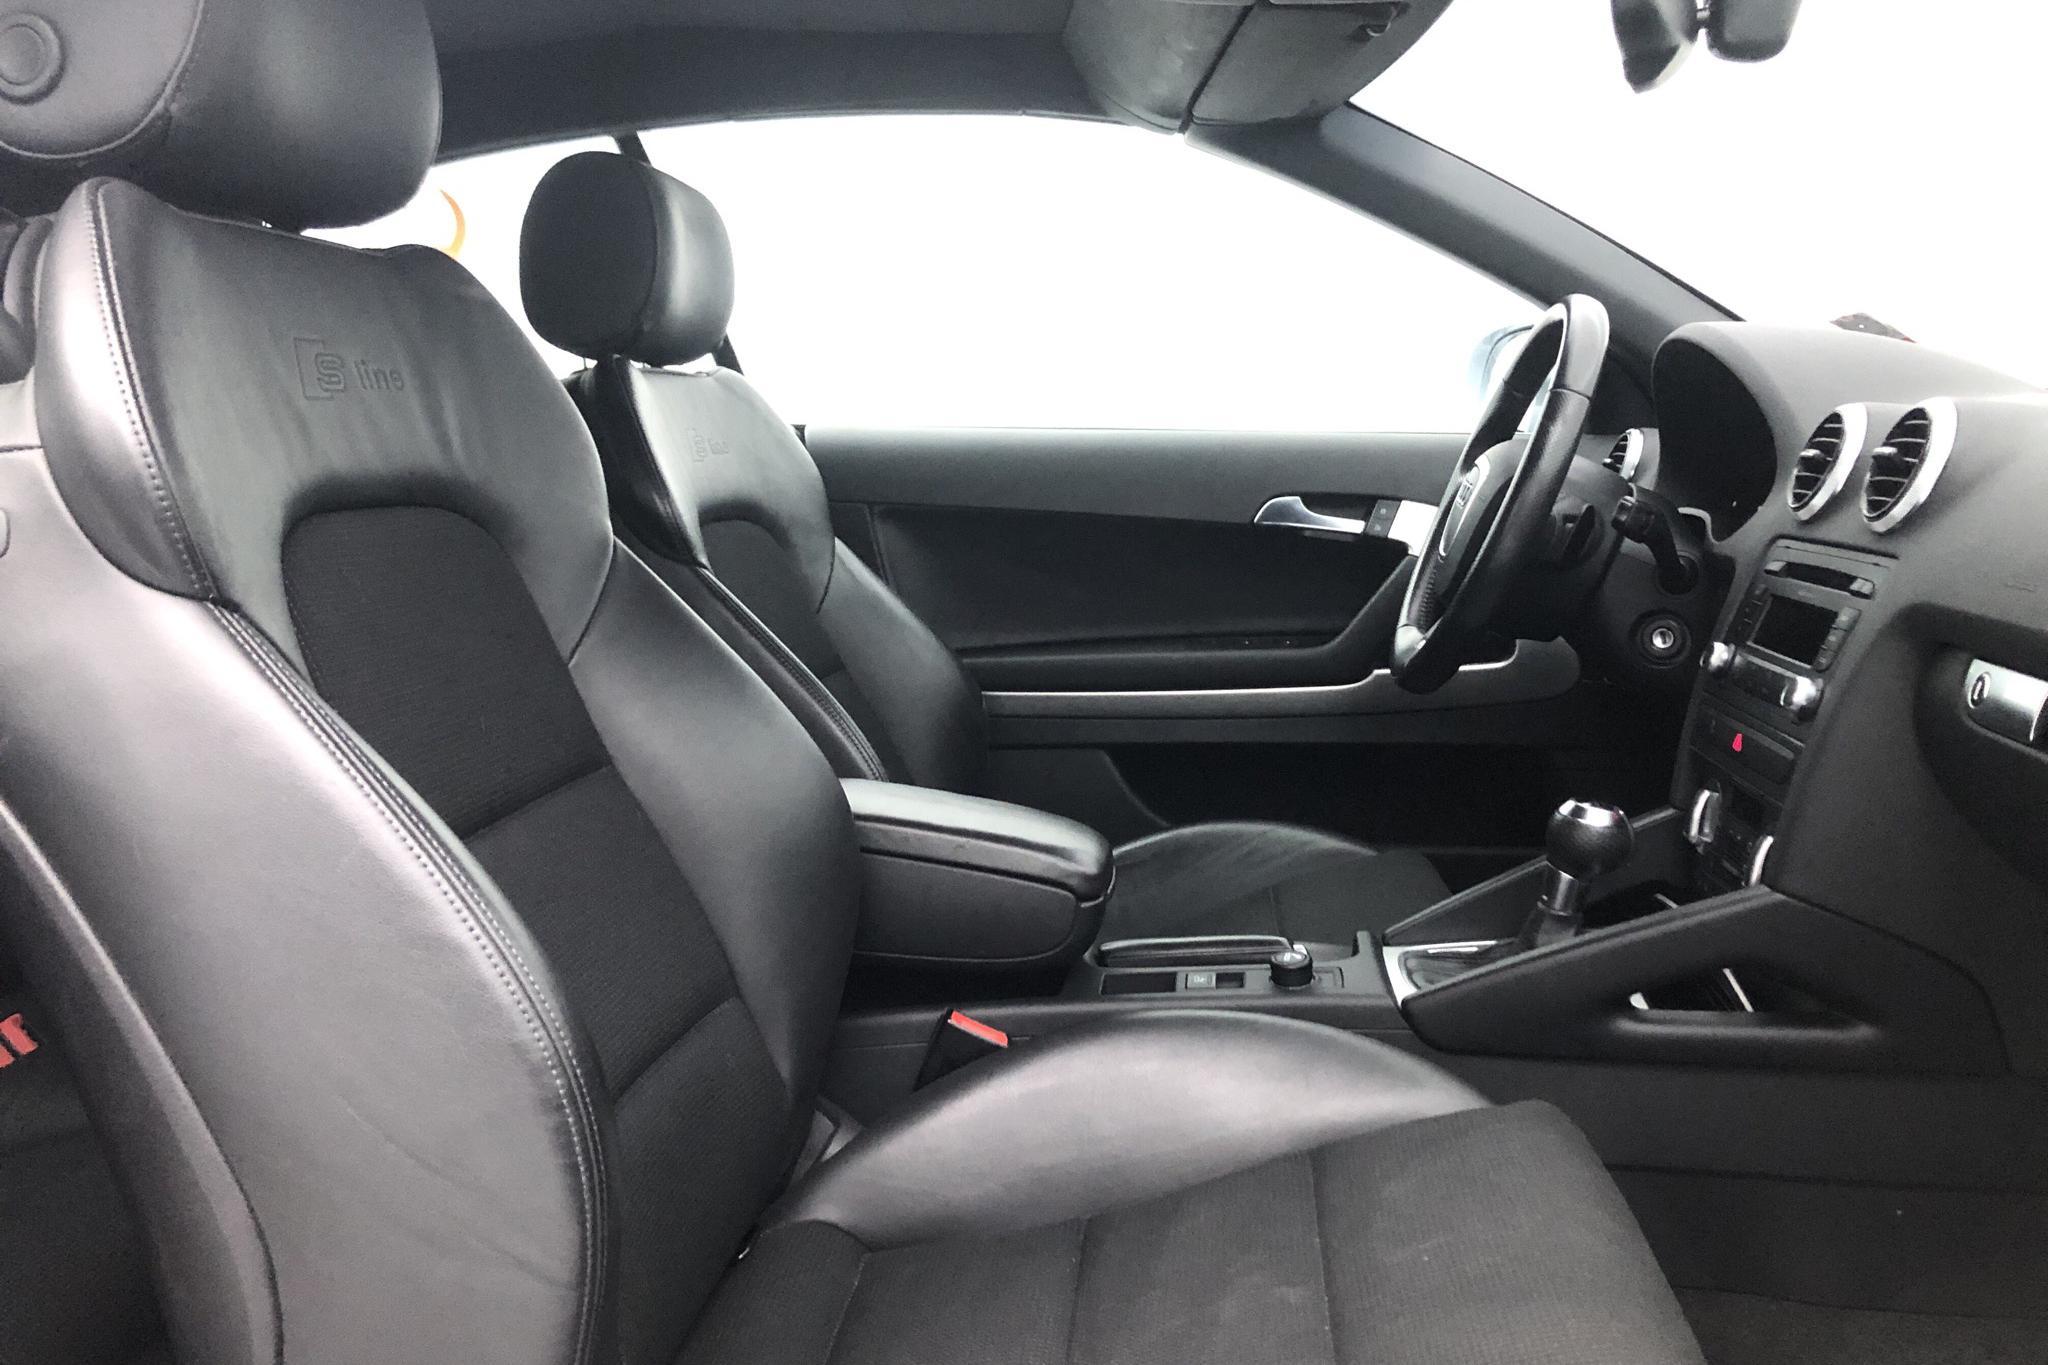 Audi A3 1.8 TFSI Cabriolet (160hk) - 4 954 mil - Automat - silver - 2011